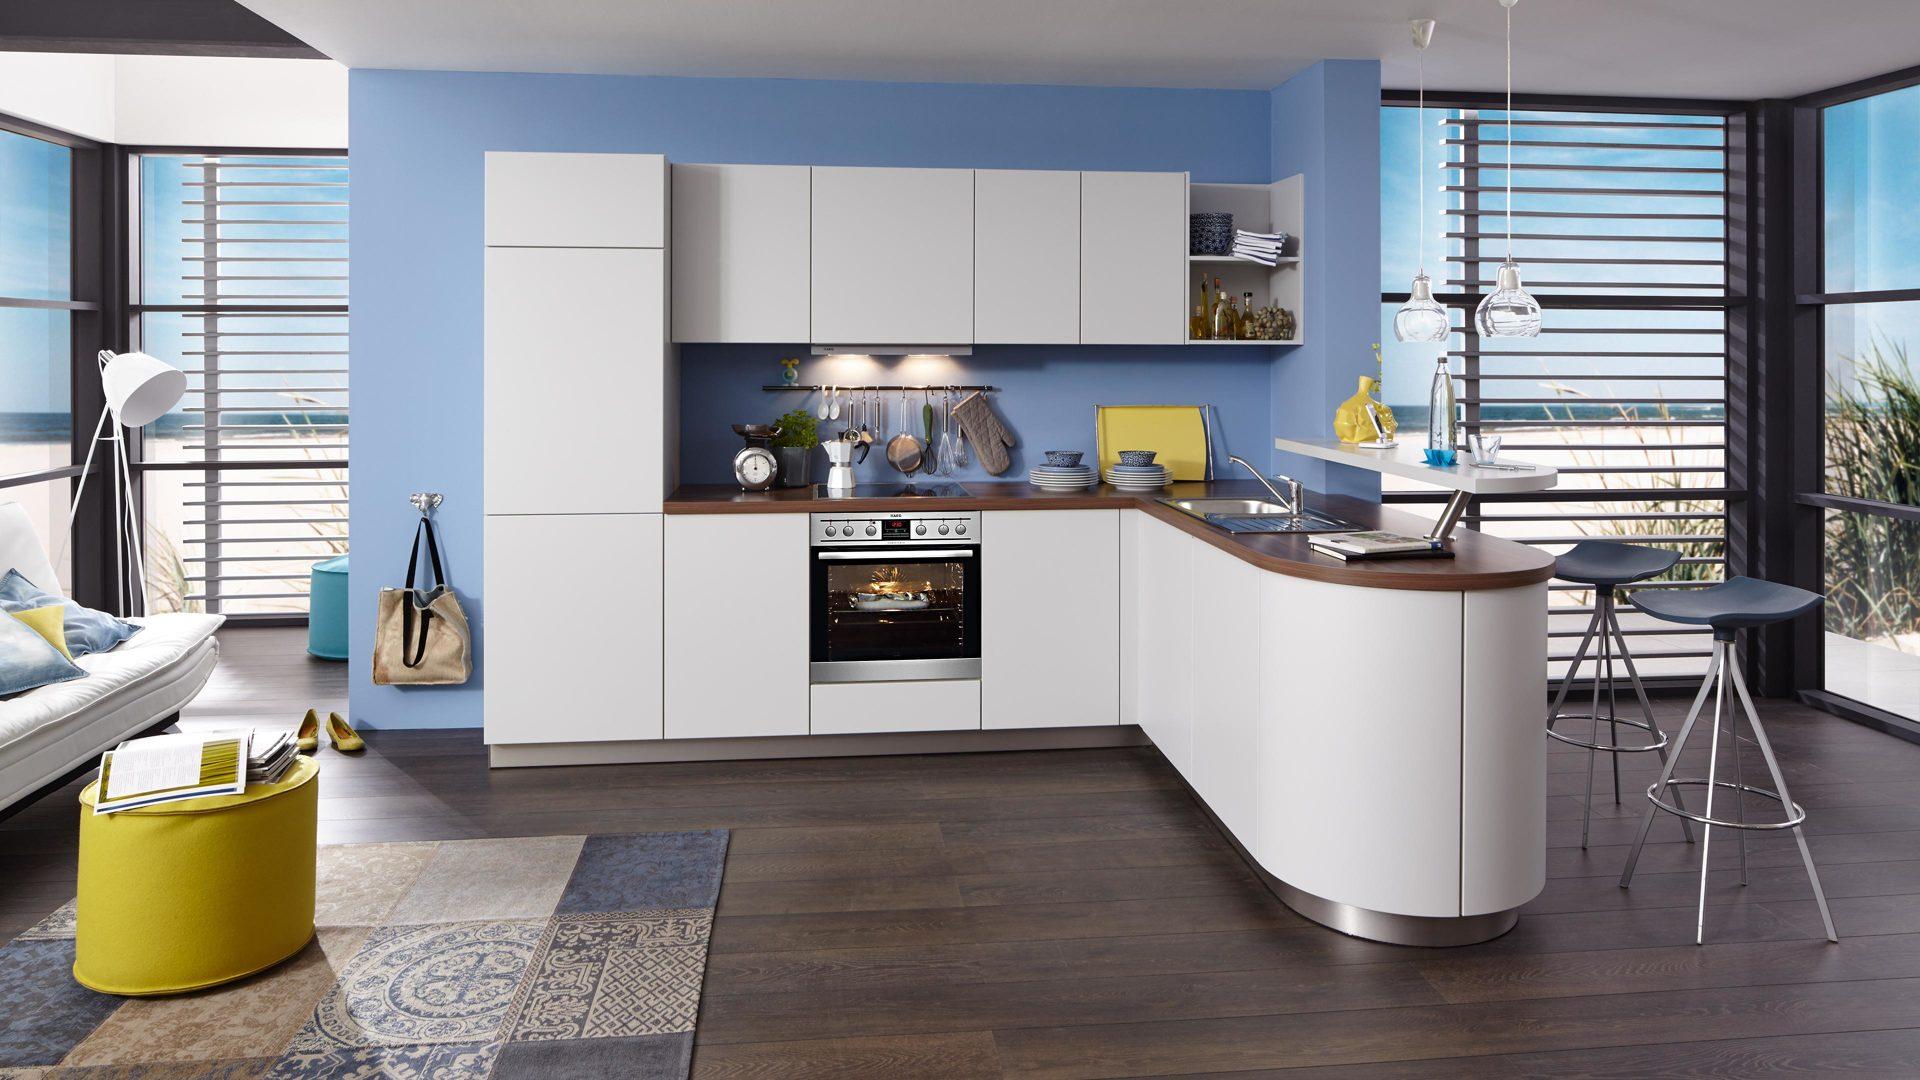 Möbel Bernskötter Mülheim, Küchen, Einbauküche, Einbauküche mit AEG ...